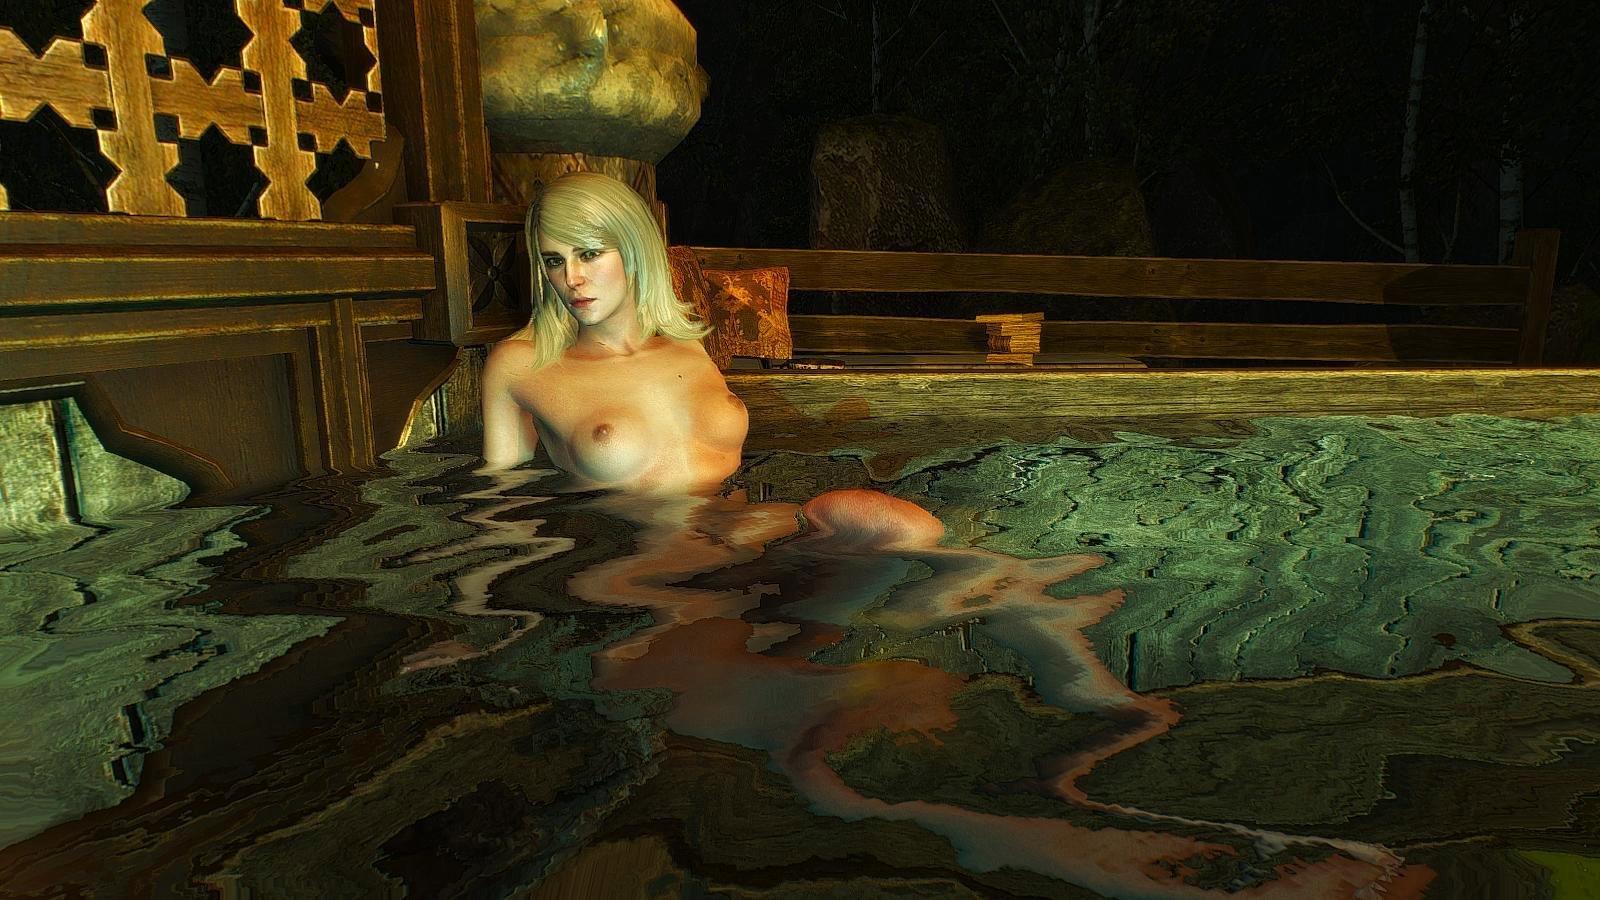 Кейра ждёт, когда же её найдет таки Геральт )))